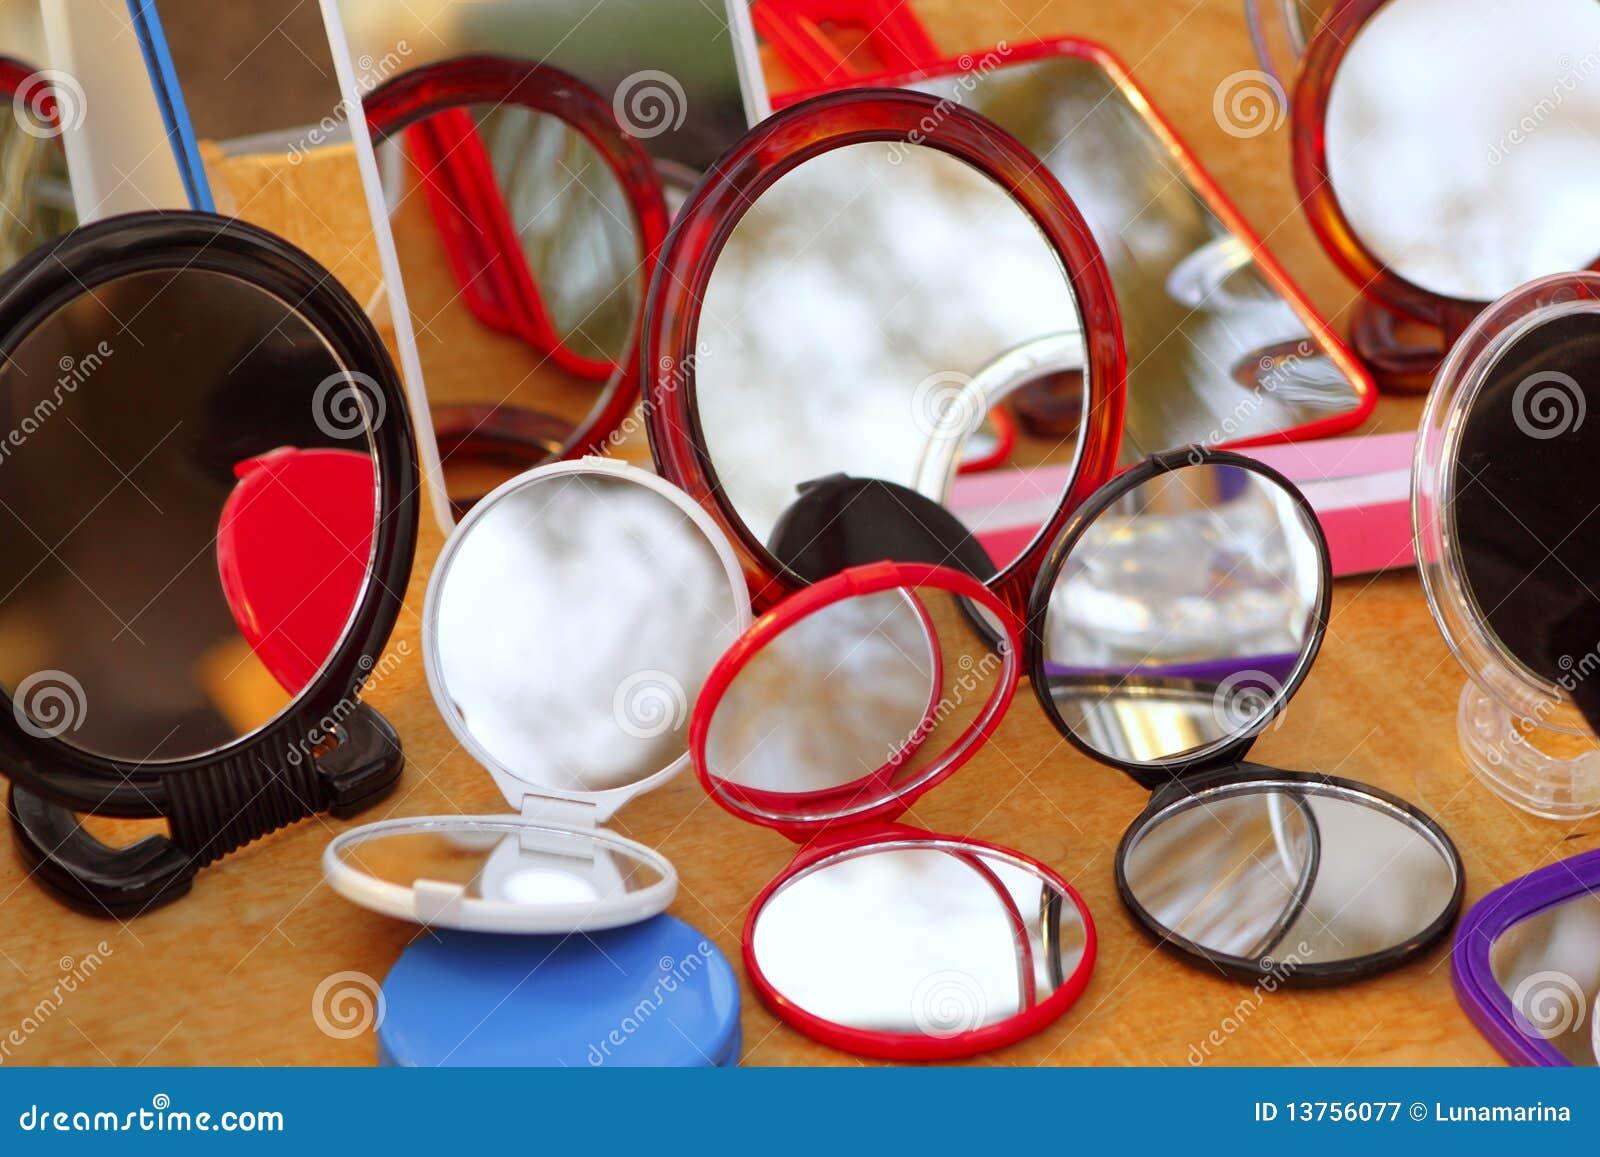 Espejos coloridos redondos en el departamento